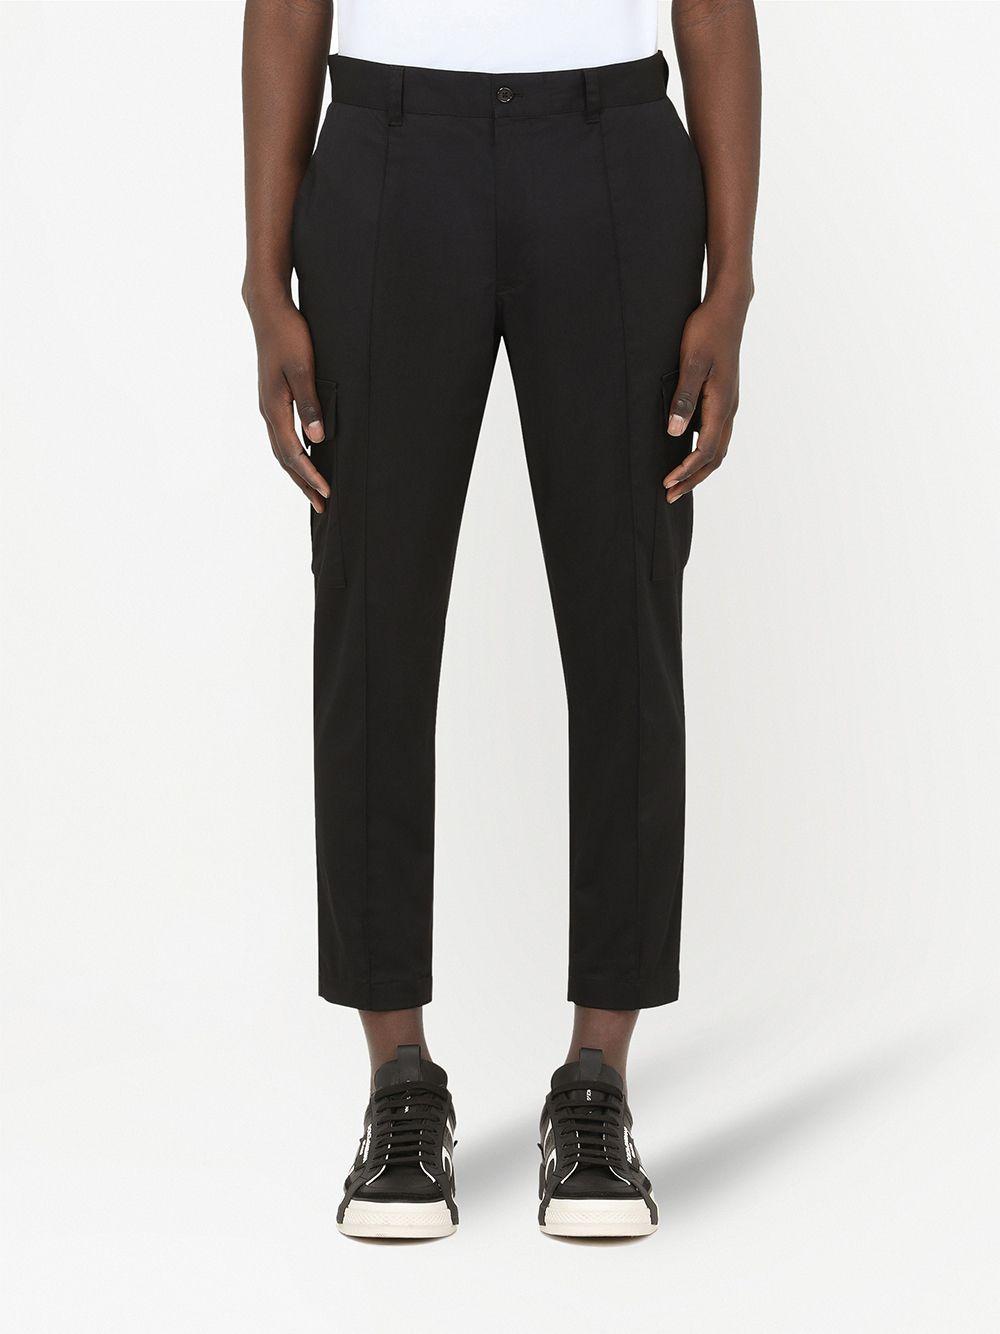 Pantaloni cargo a gamba corta in cotone elasticizzato nero con dettagli in piping DOLCE & GABBANA | Pantaloni | GWBWET-FUFJRN0000